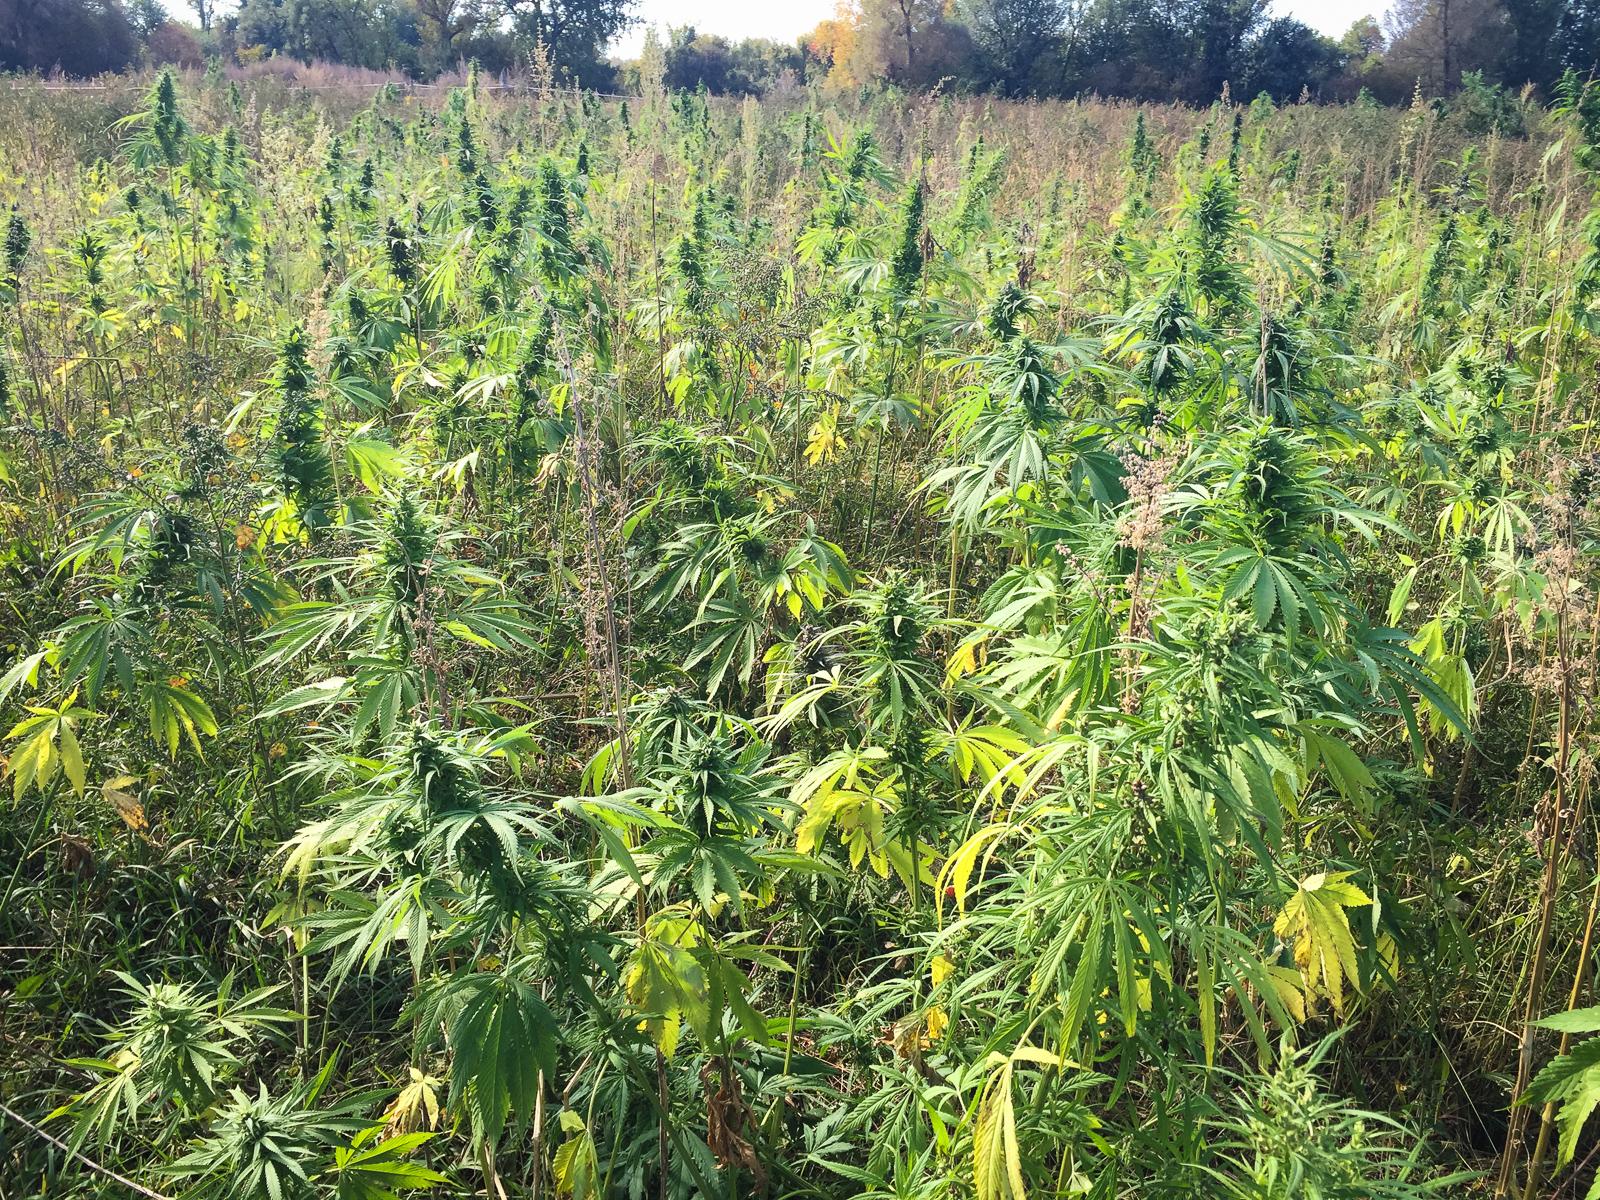 Конопля дальневосточная марихуана особо крупное количество